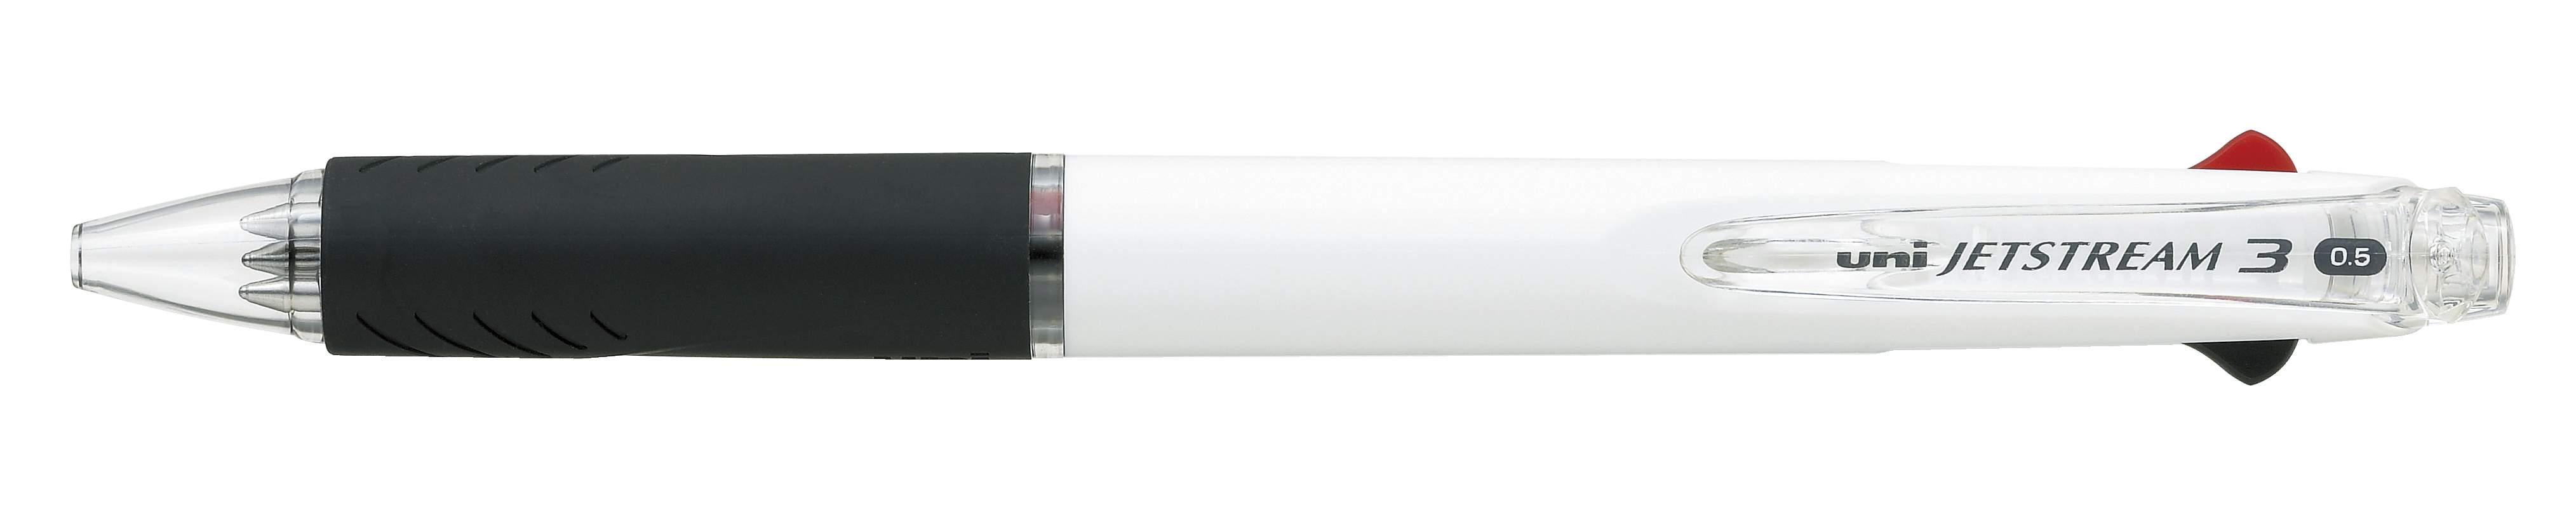 mtSXE3-400-05.1